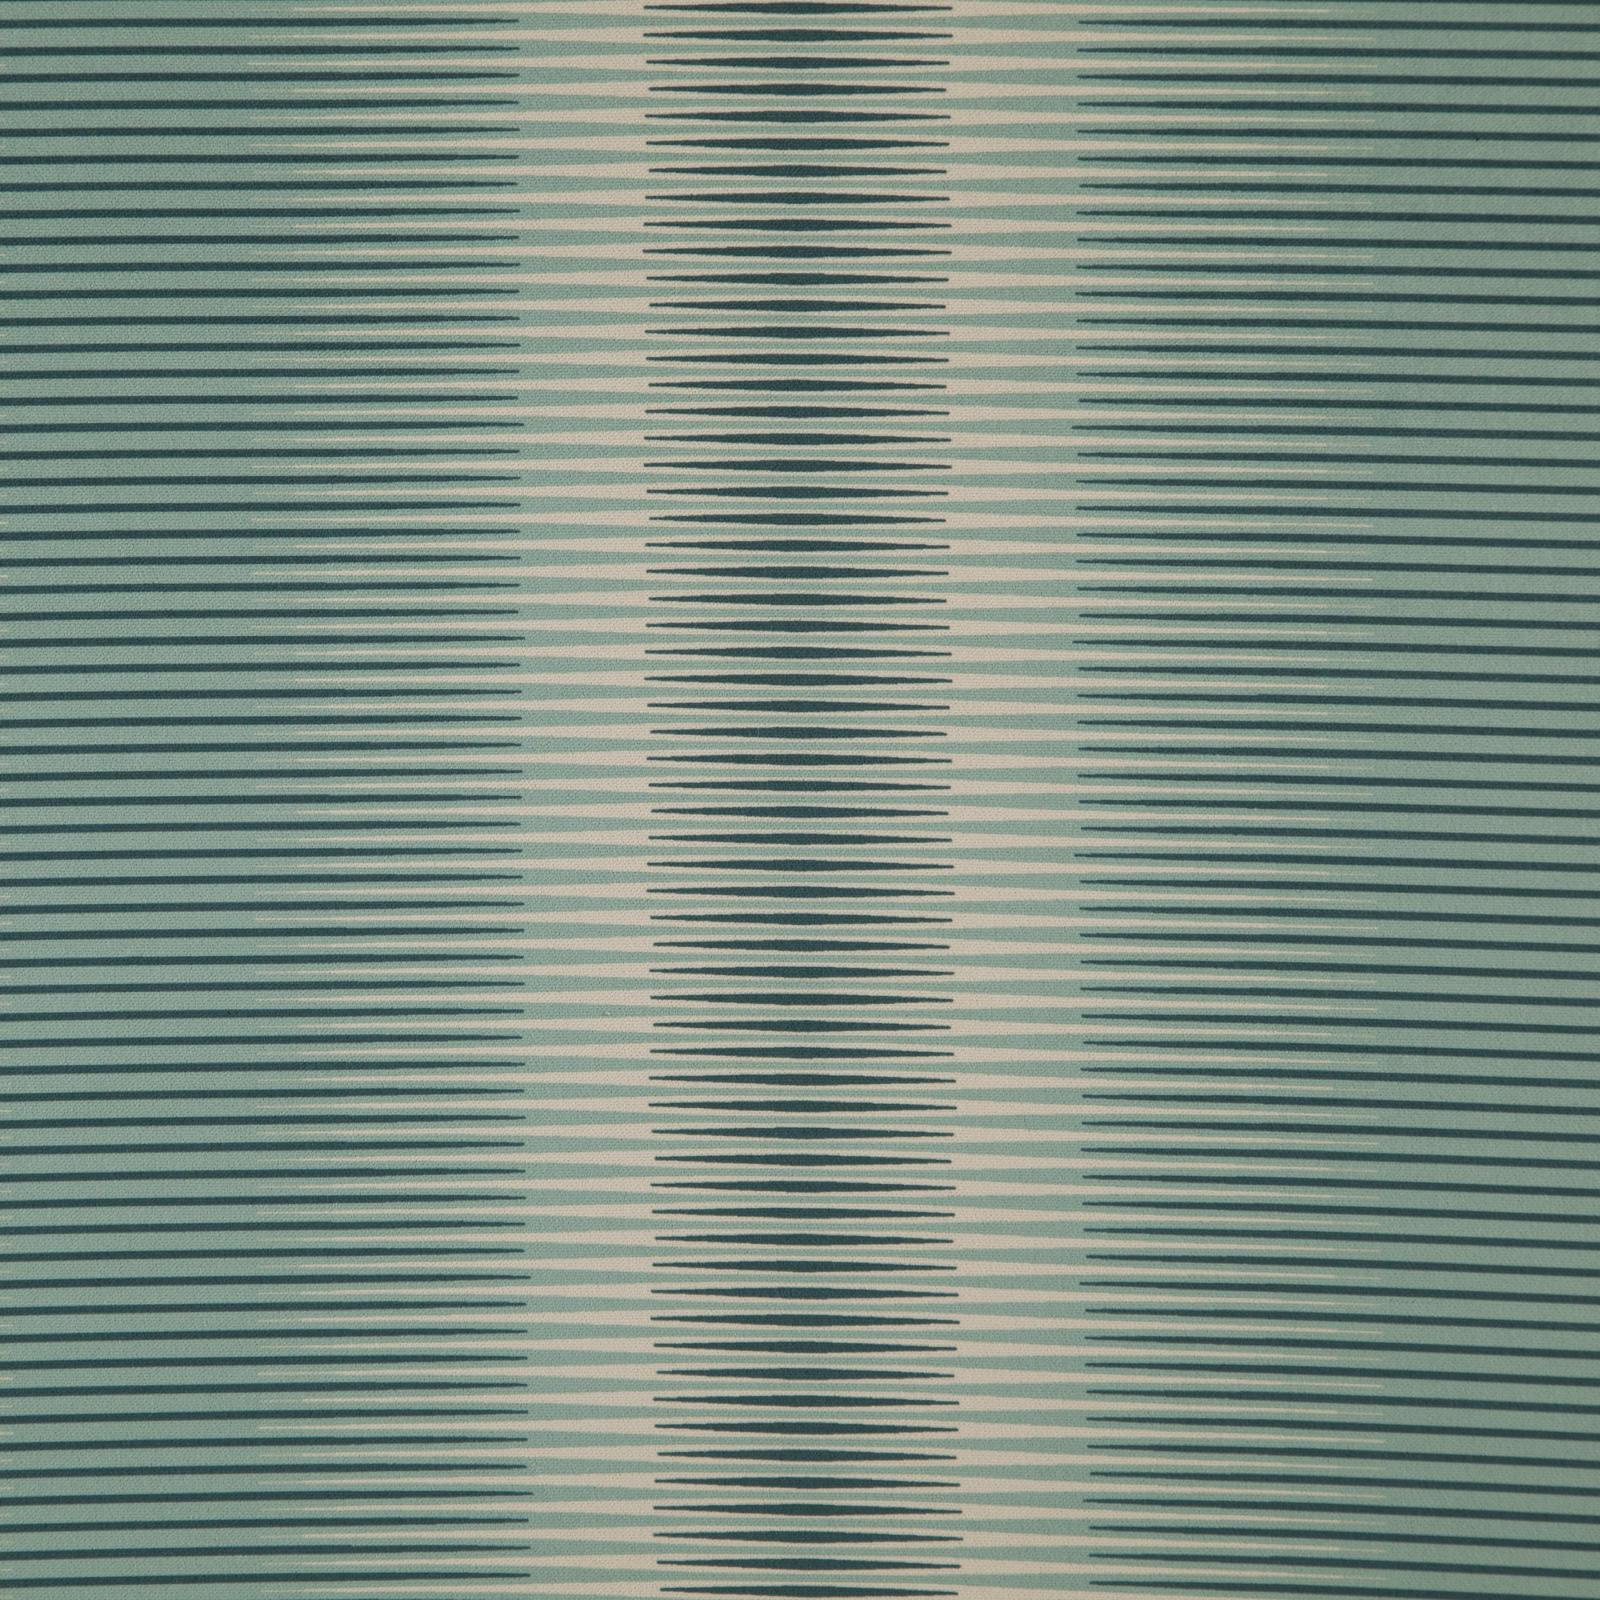 Jacopo-stripe_02-Mineral